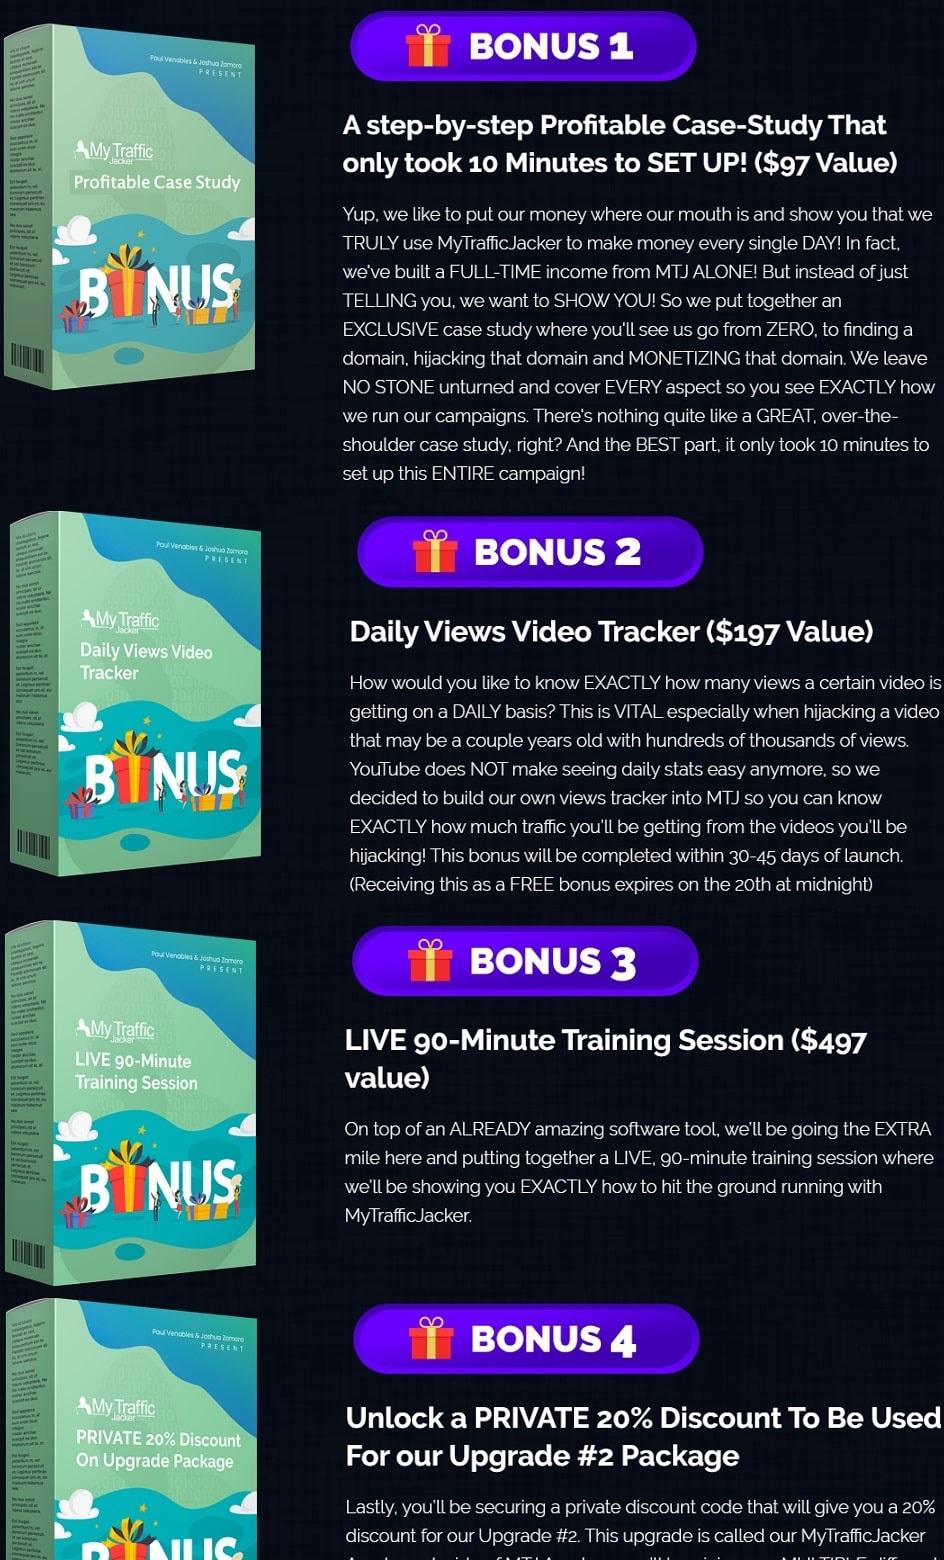 MyTrafficJacker2.0 bonus